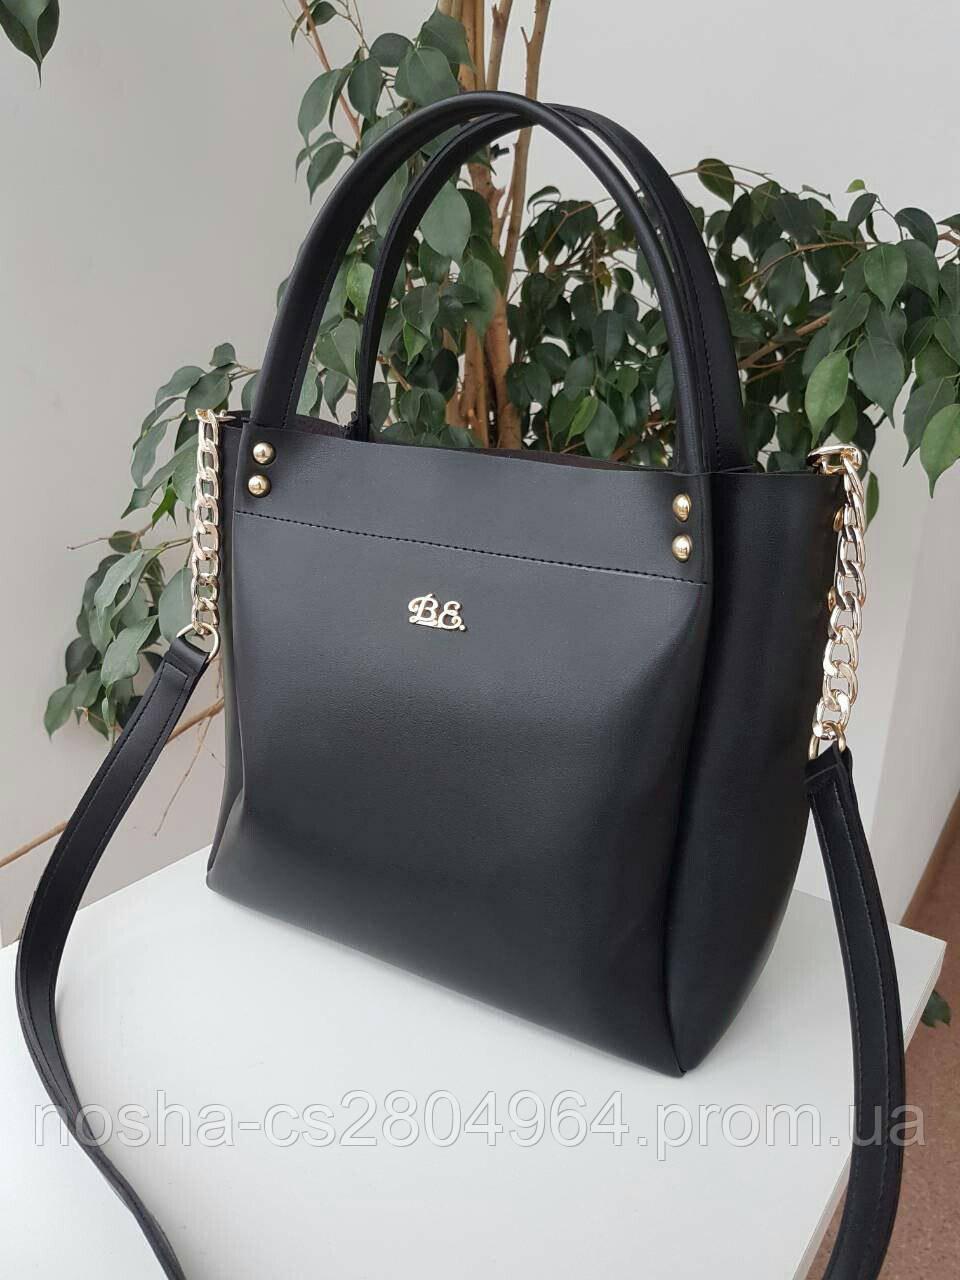 6d813d39ff06 Компактная сумка с цепочкой через плечо B.Elit / Сумка женская Б.Элит / BE